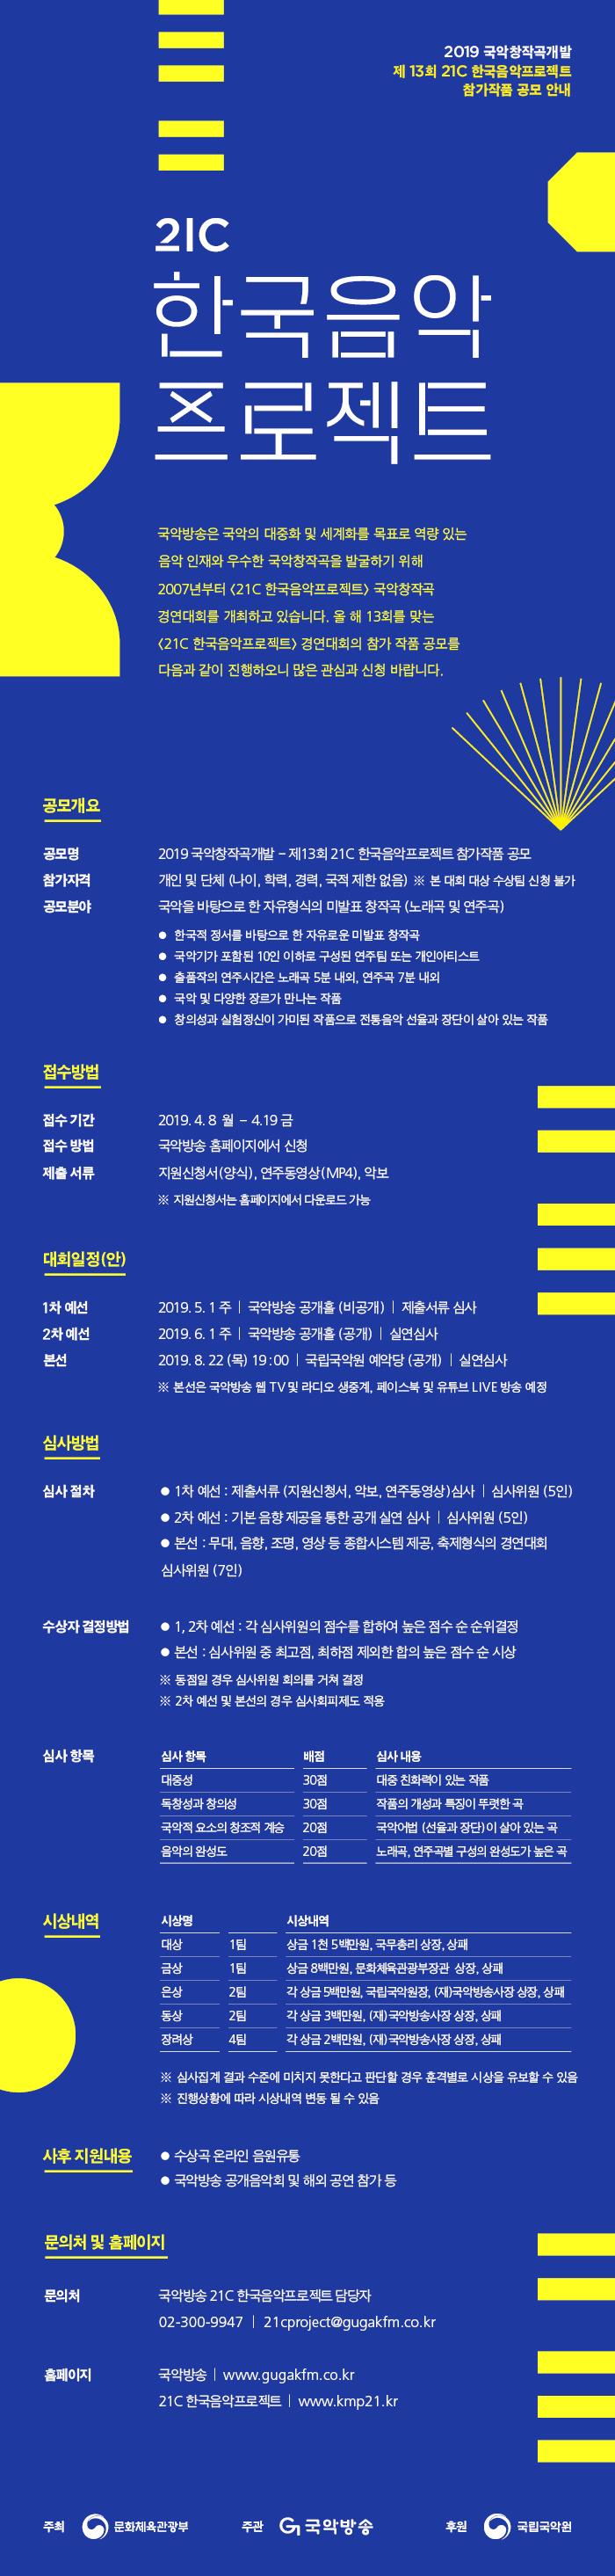 21c한국음악프로젝트-웹홍보물.jpg